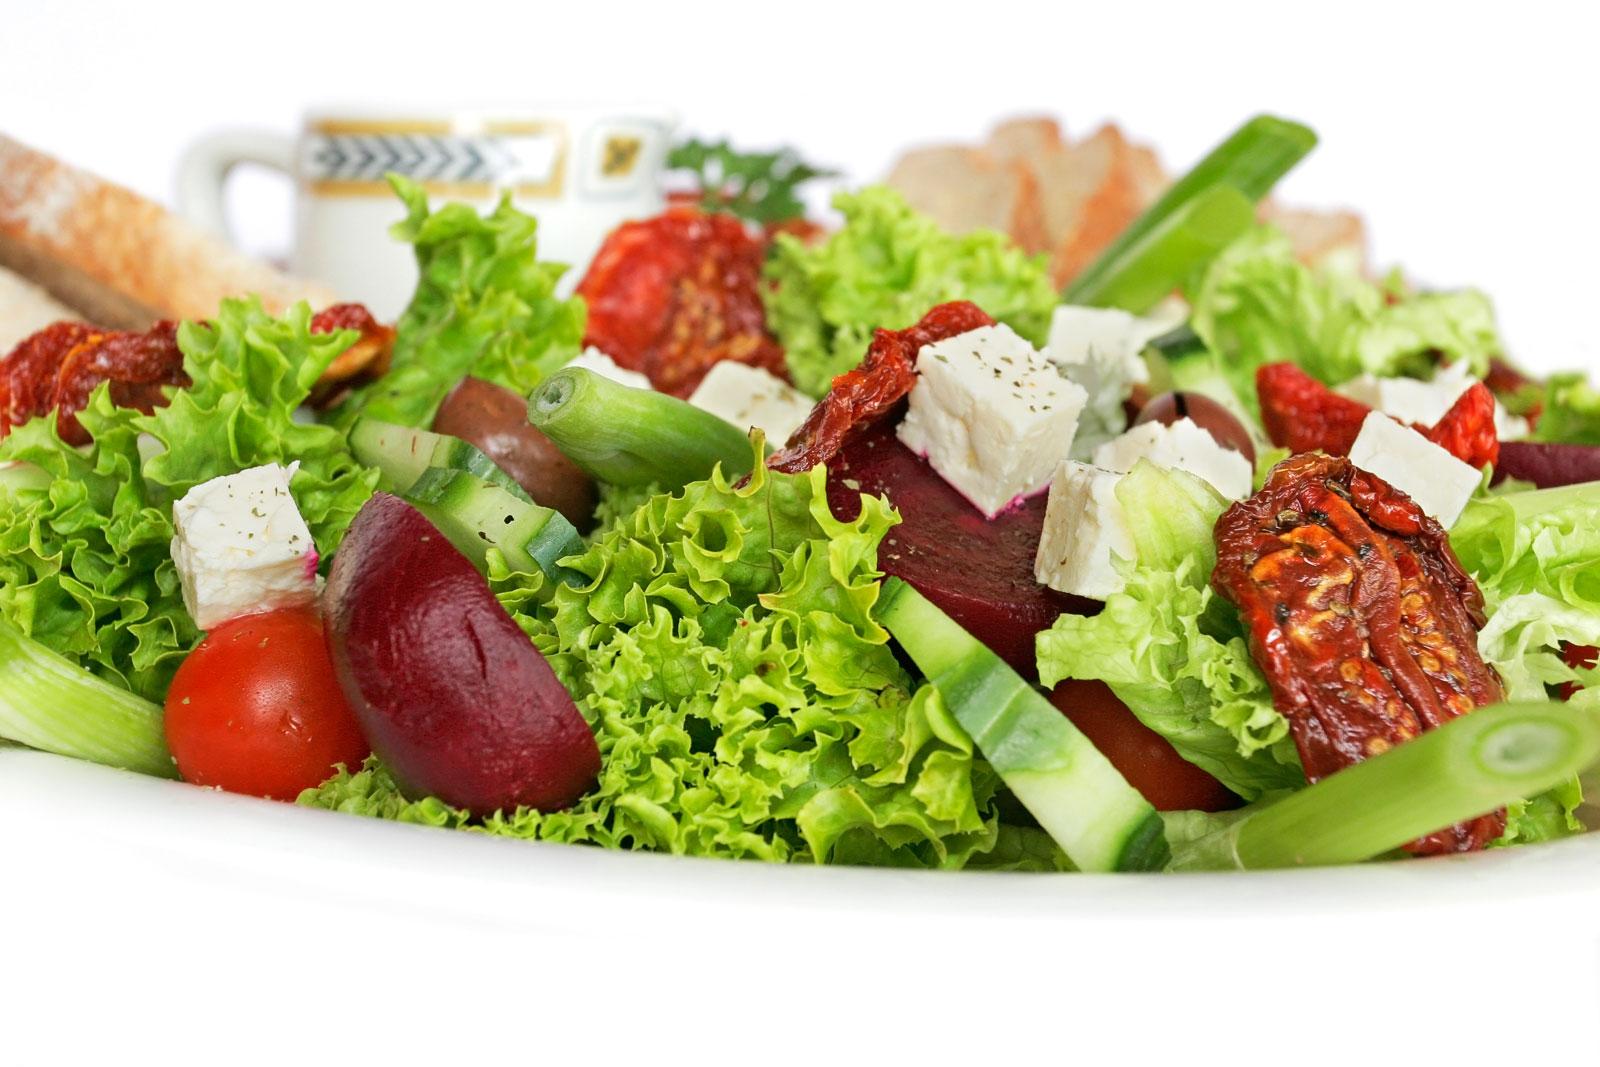 Semana vegetariana en MenosKilos